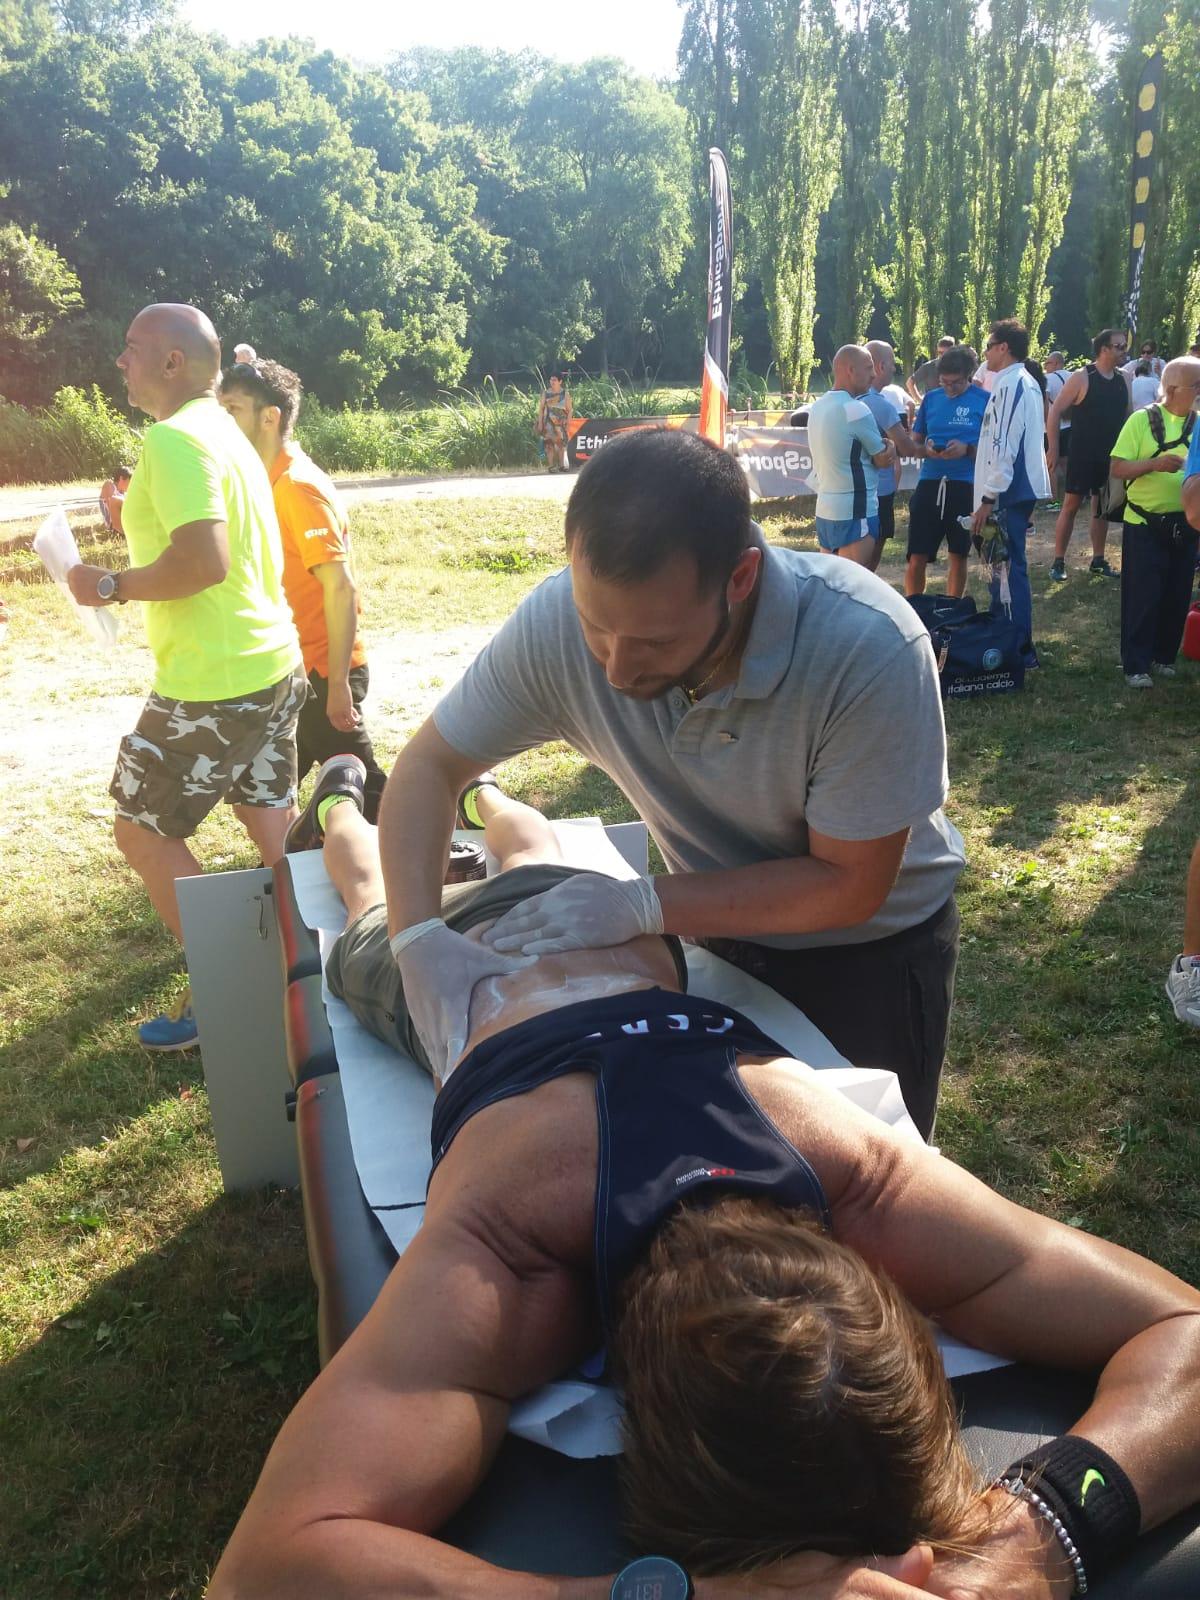 mal di schiena del runner